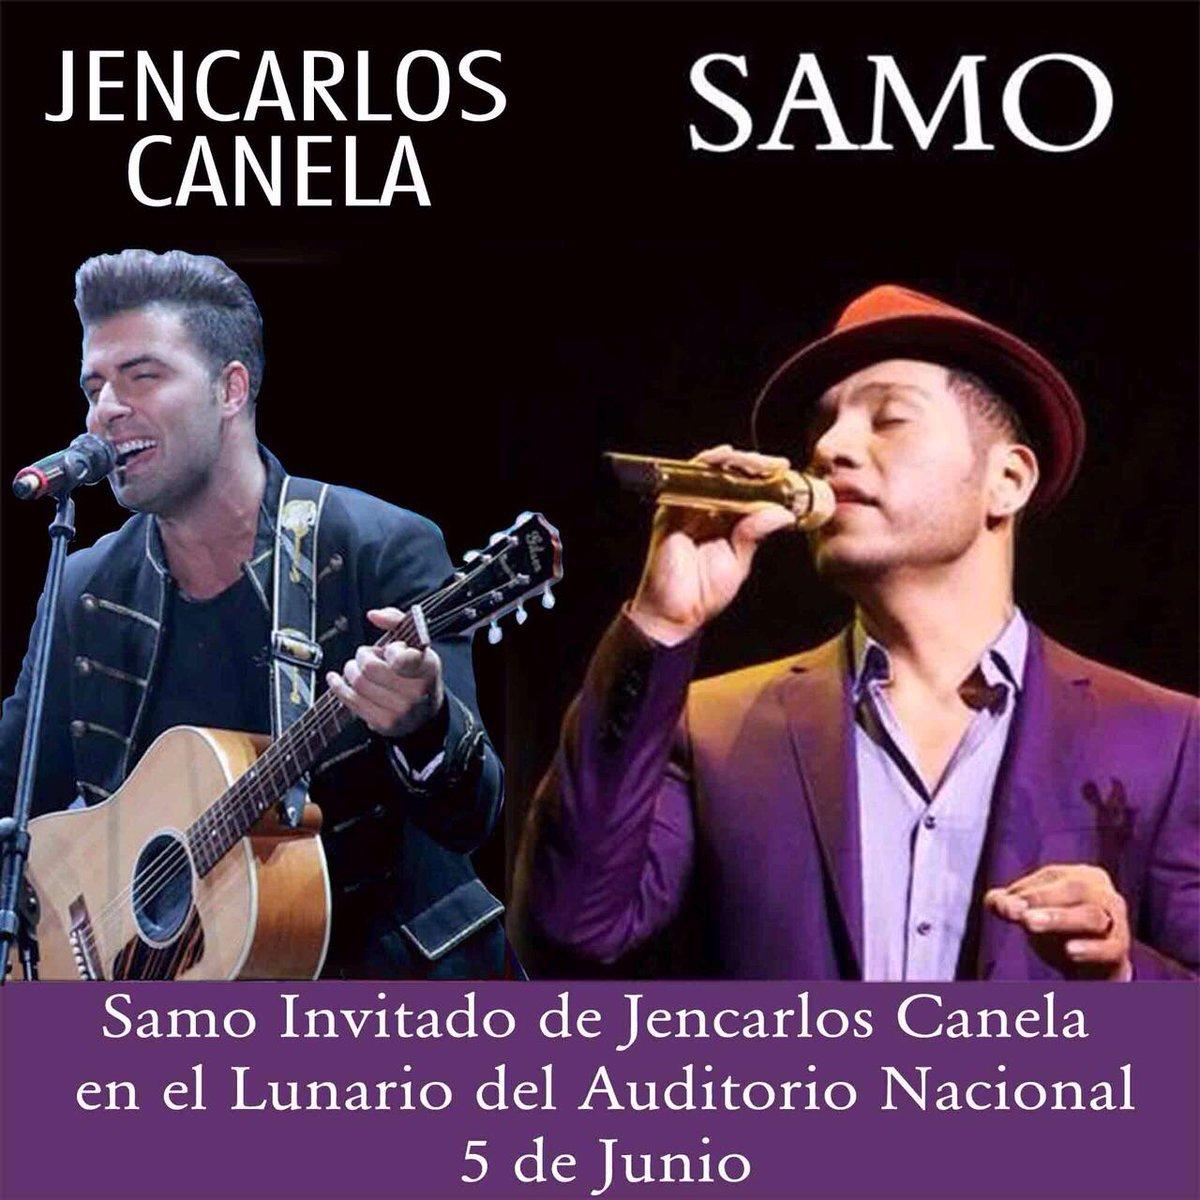 Los invito este 5 de junio al show de mi amigo @jencarlosmusic en el @LunarioMx. RT http://t.co/TR4OLangS7